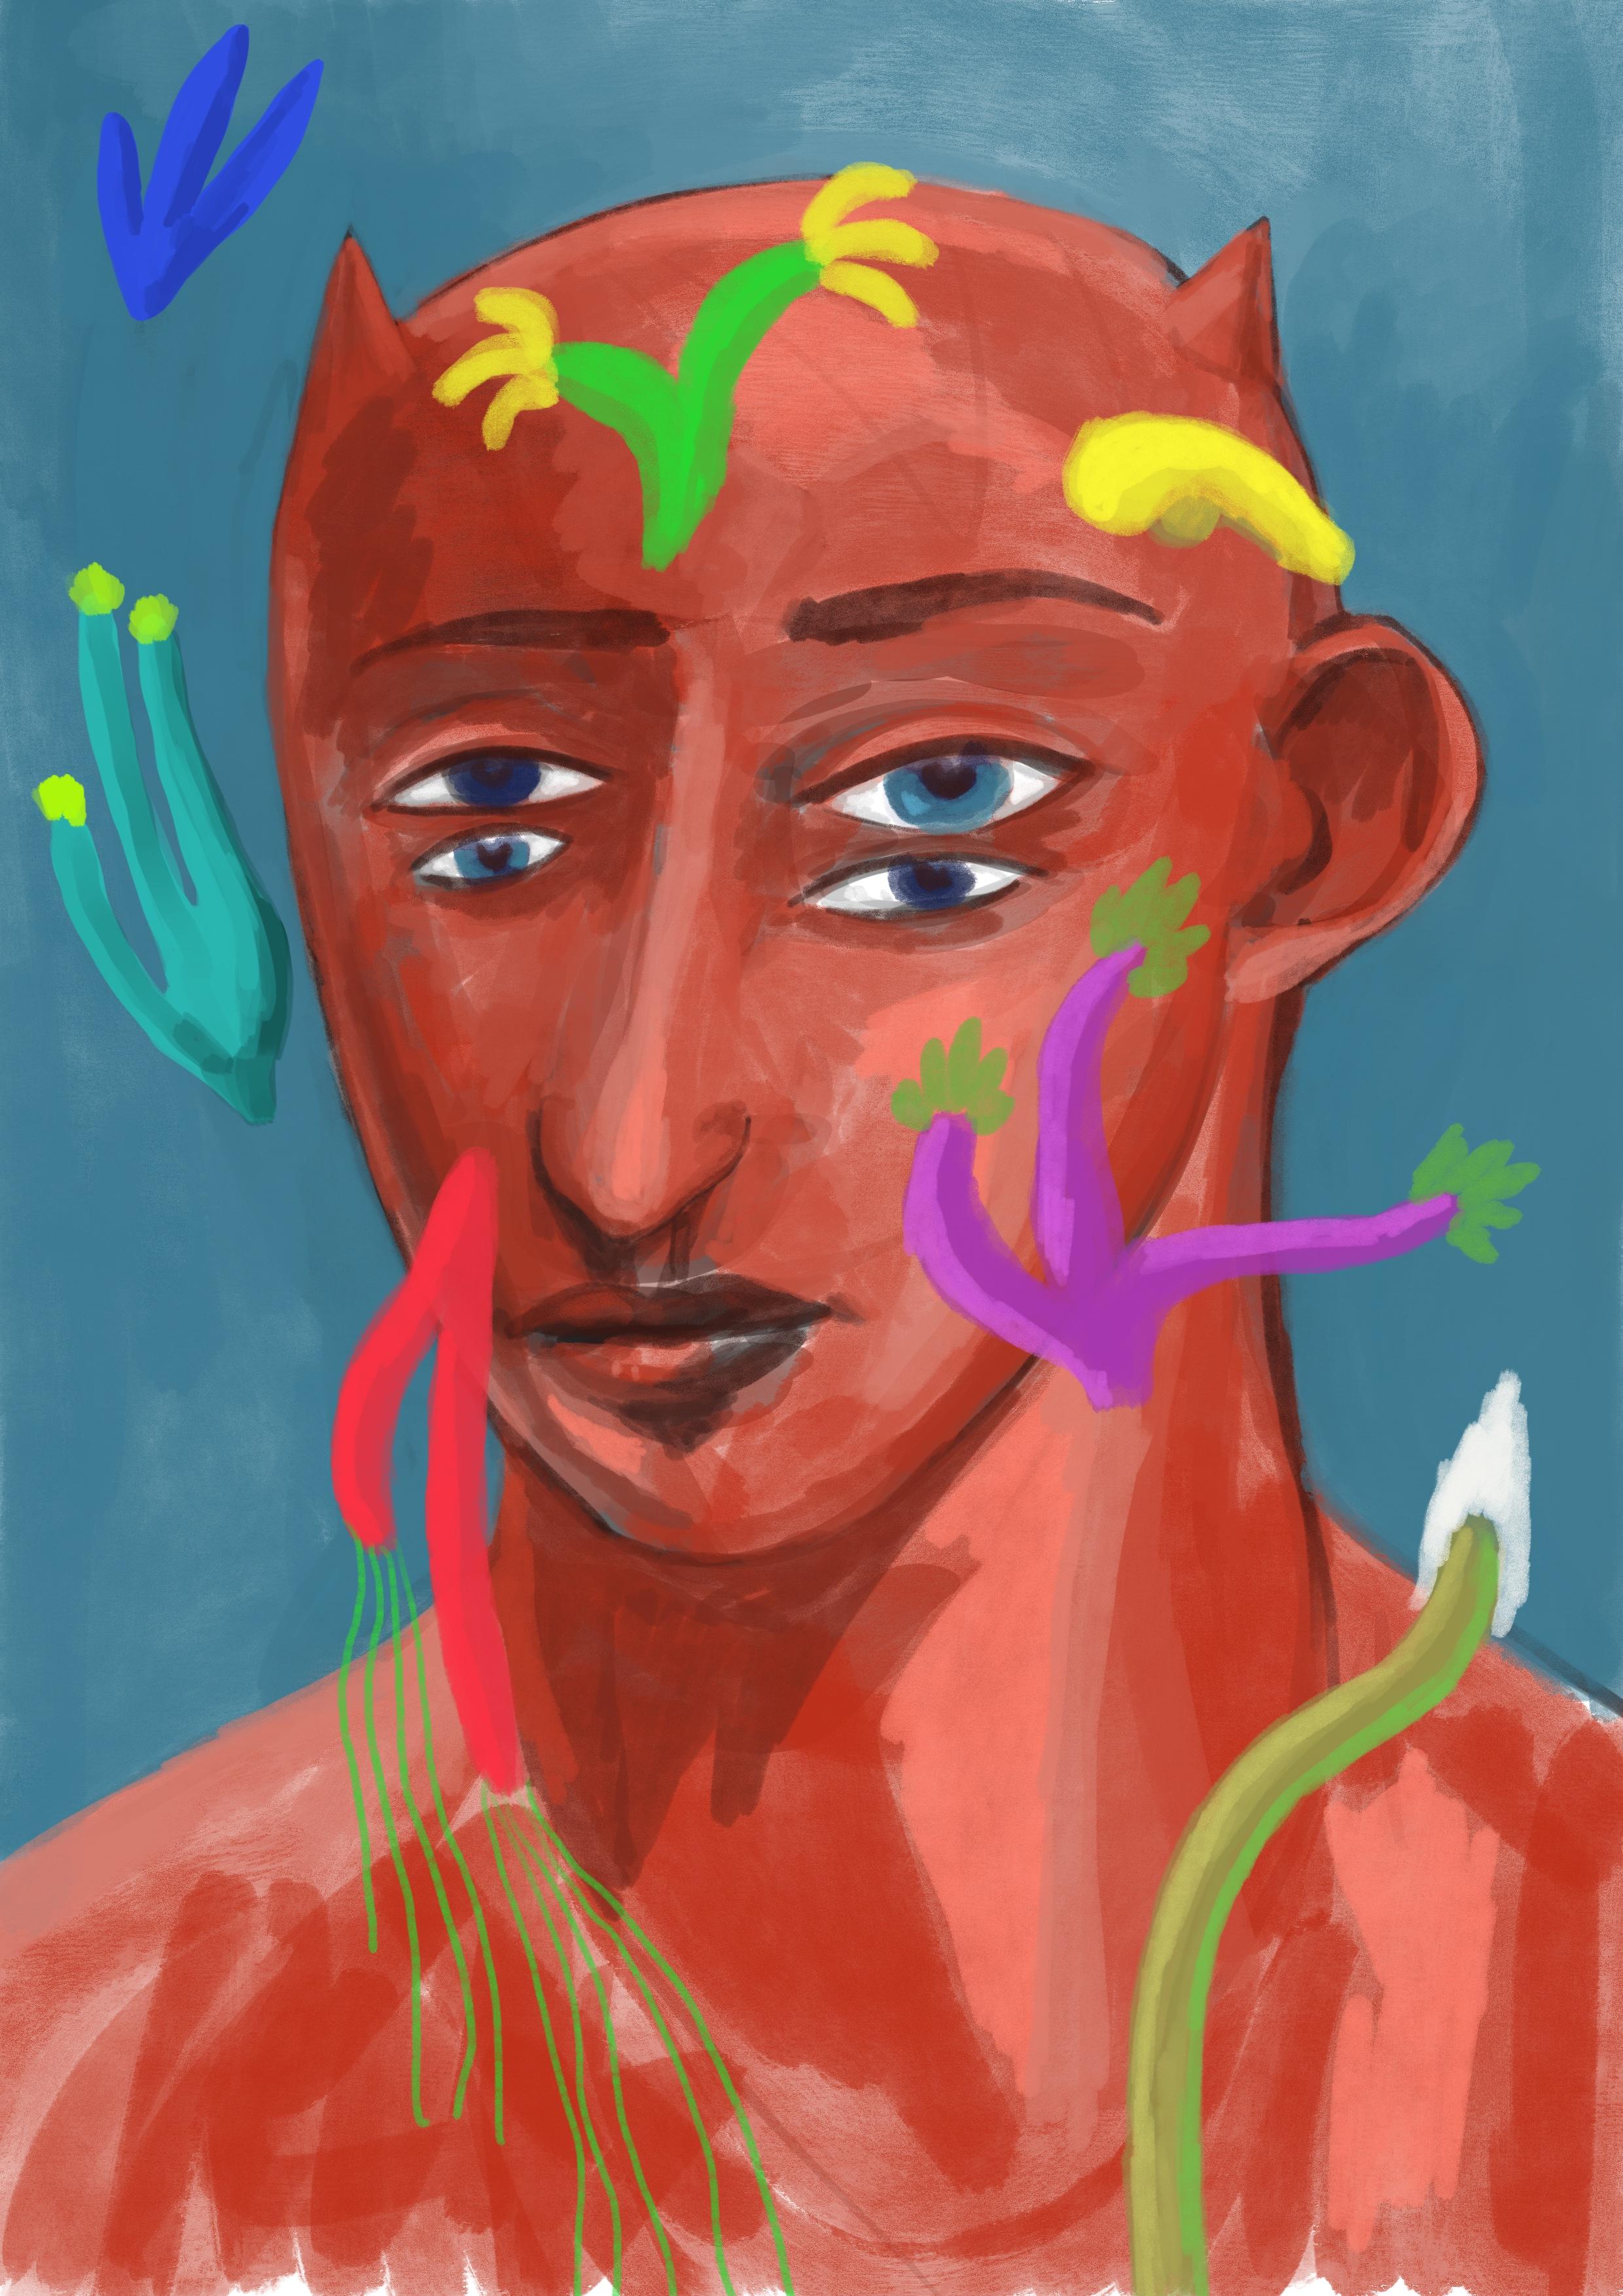 satyre, acrylic on canvas, 90x70cm